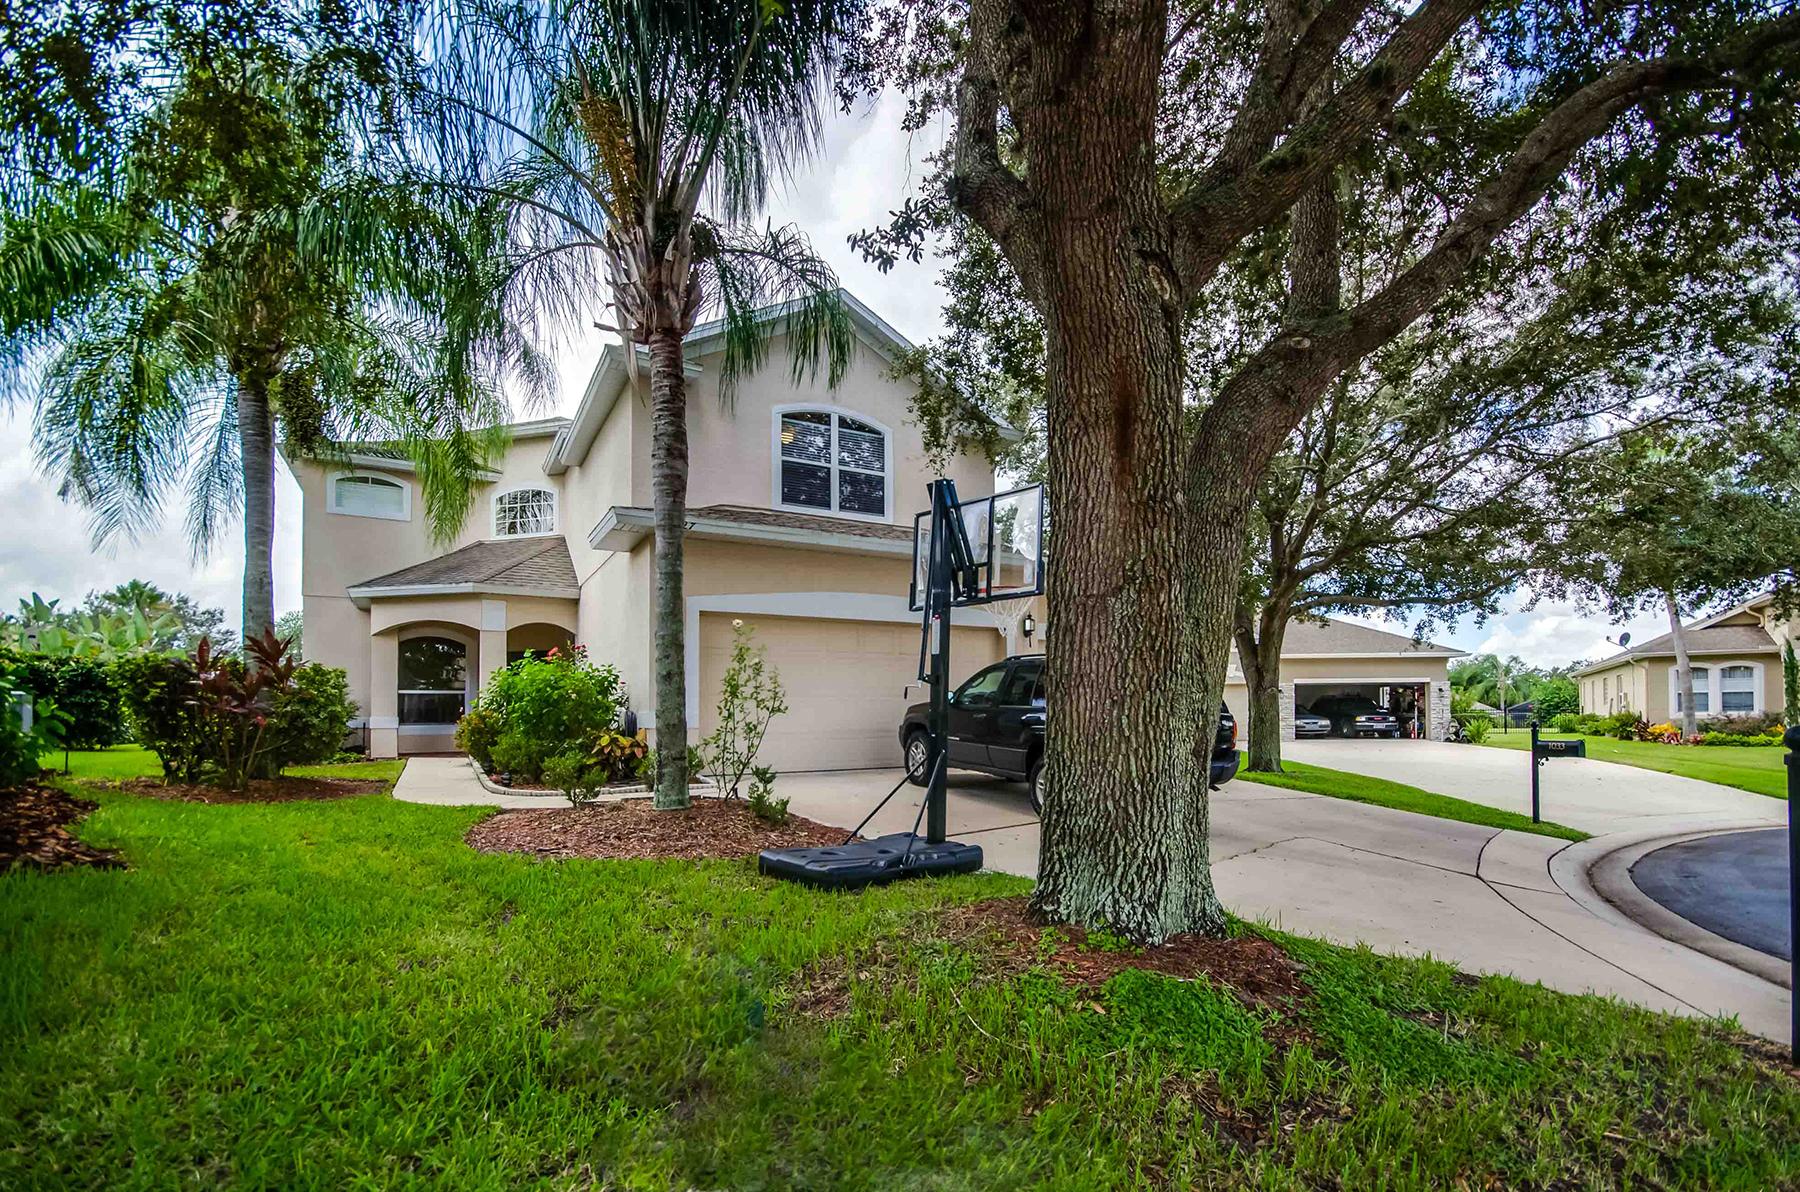 獨棟家庭住宅 為 出售 在 LAKE MARY - HEATHROW 1027 Ridgemount Pl Lake Mary, 佛羅里達州, 32746 美國